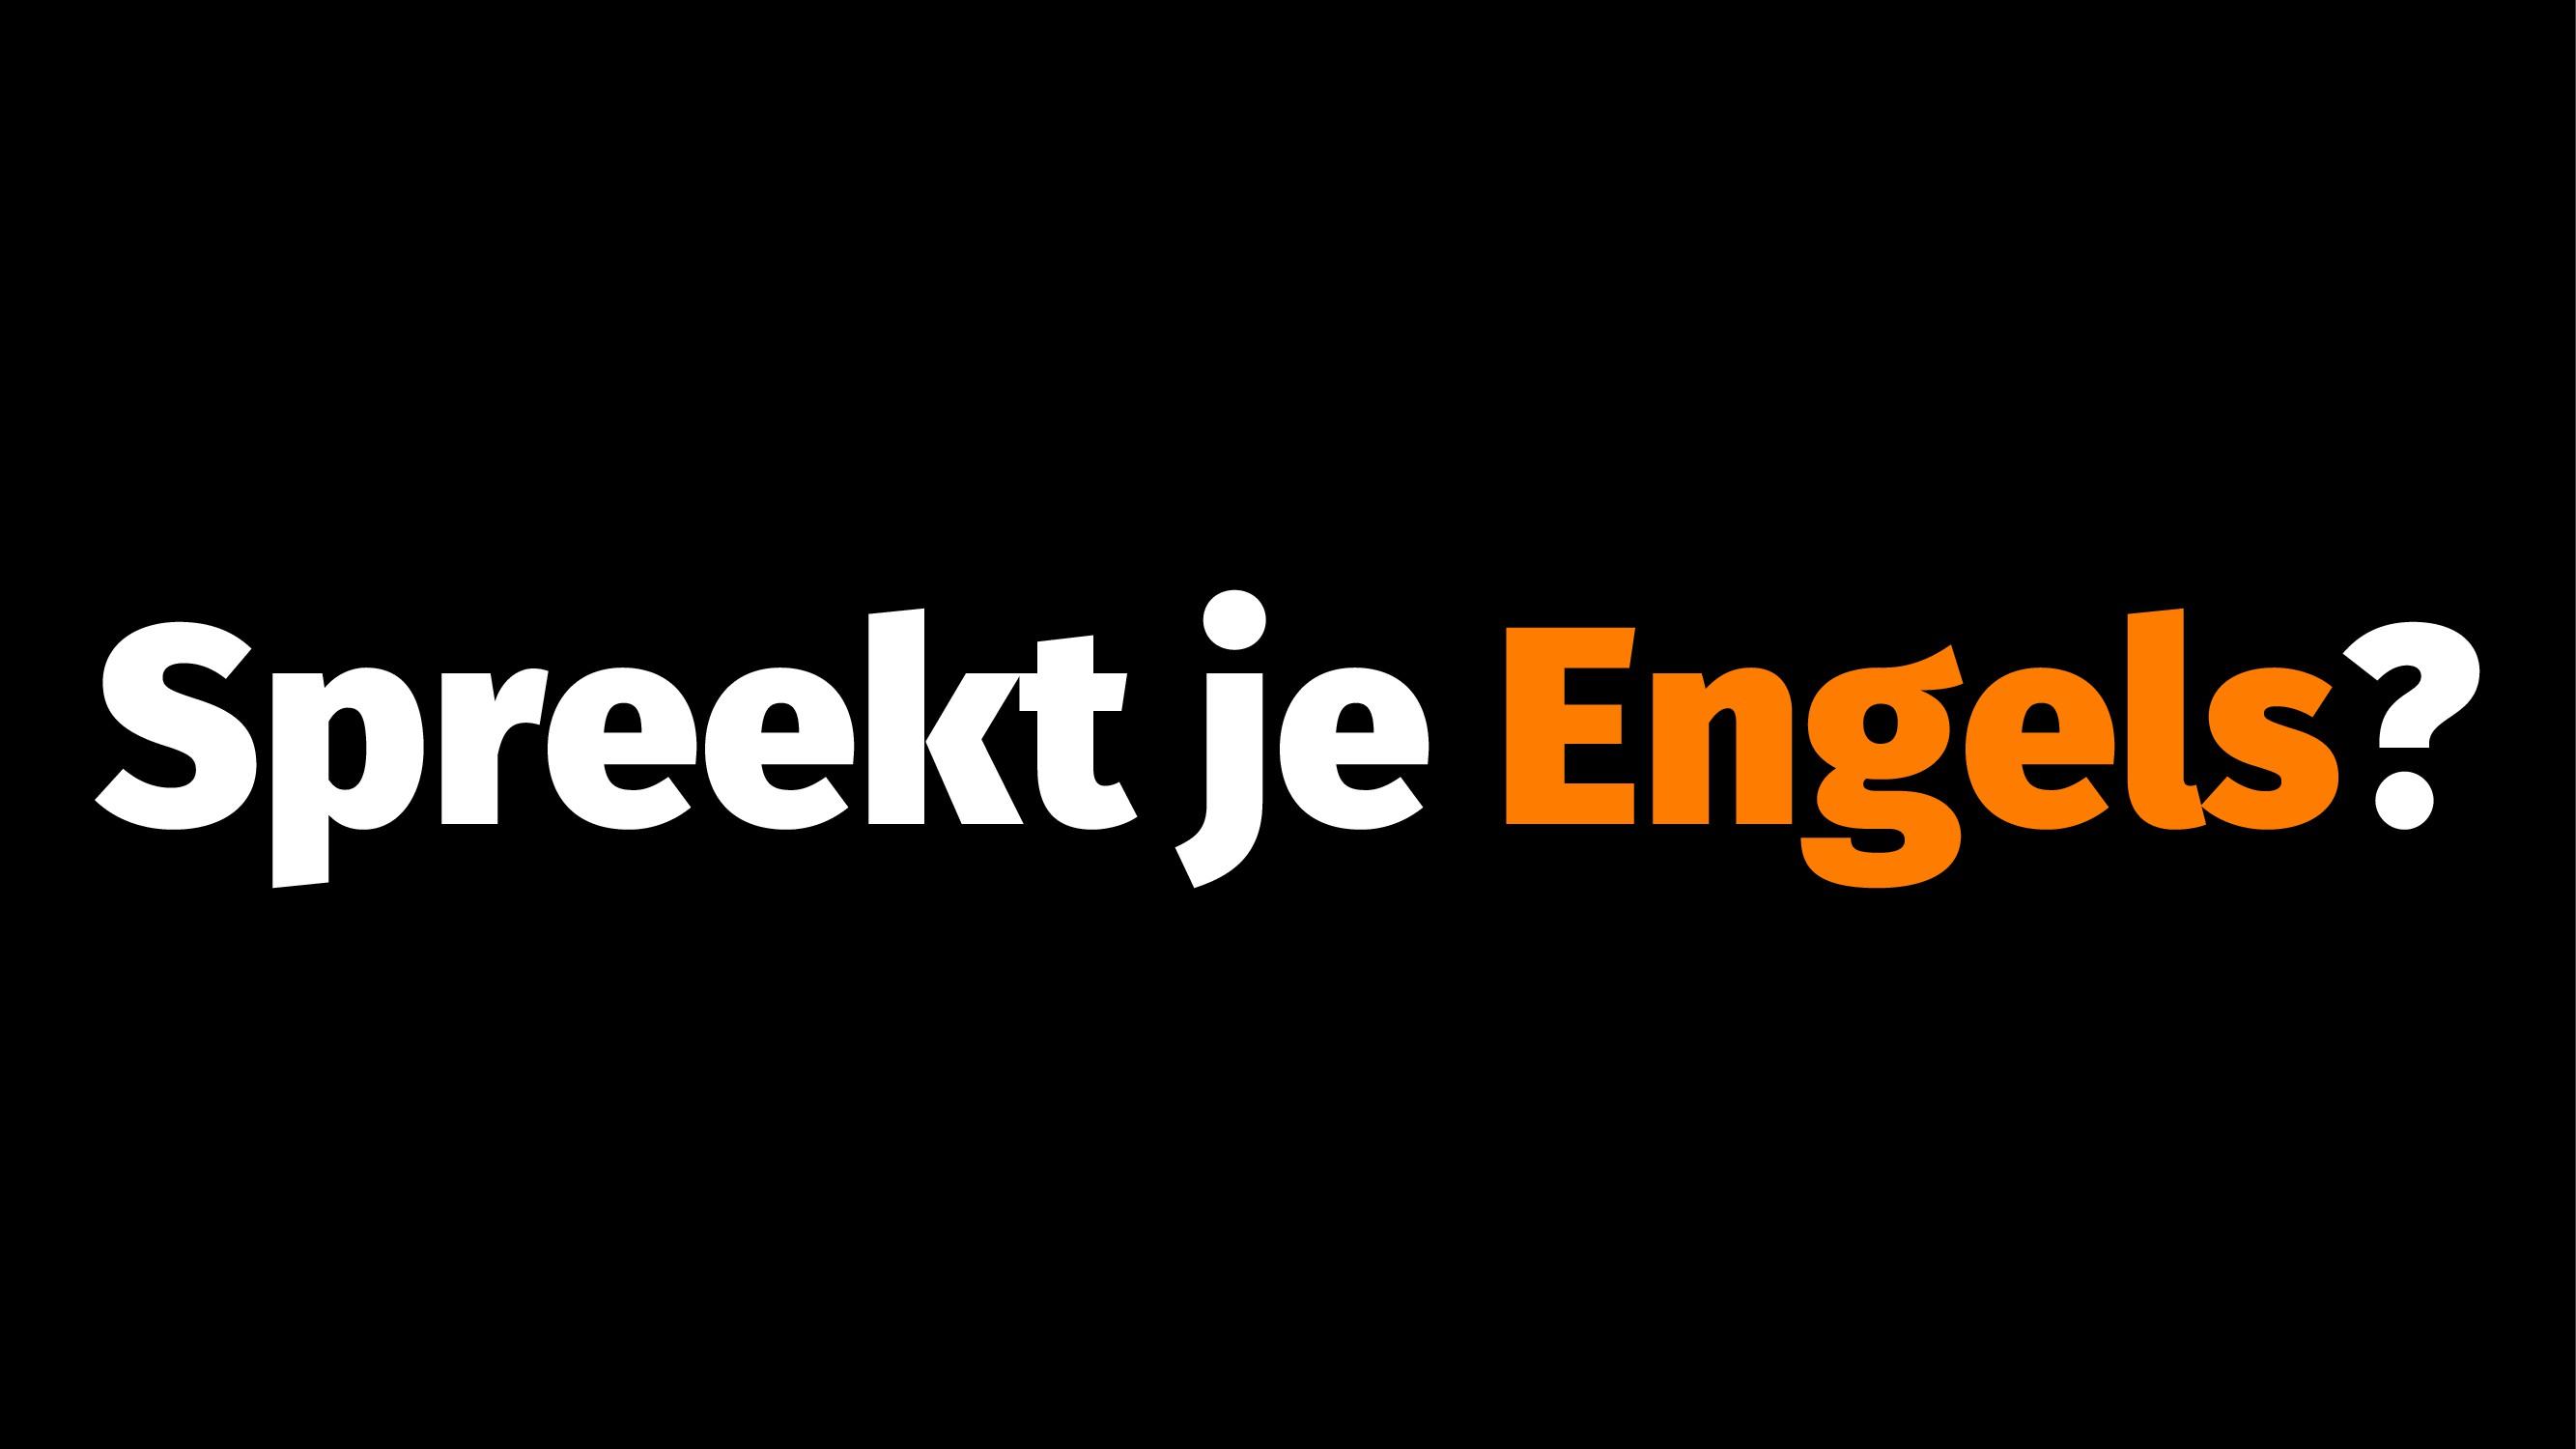 Spreekt je Engels?